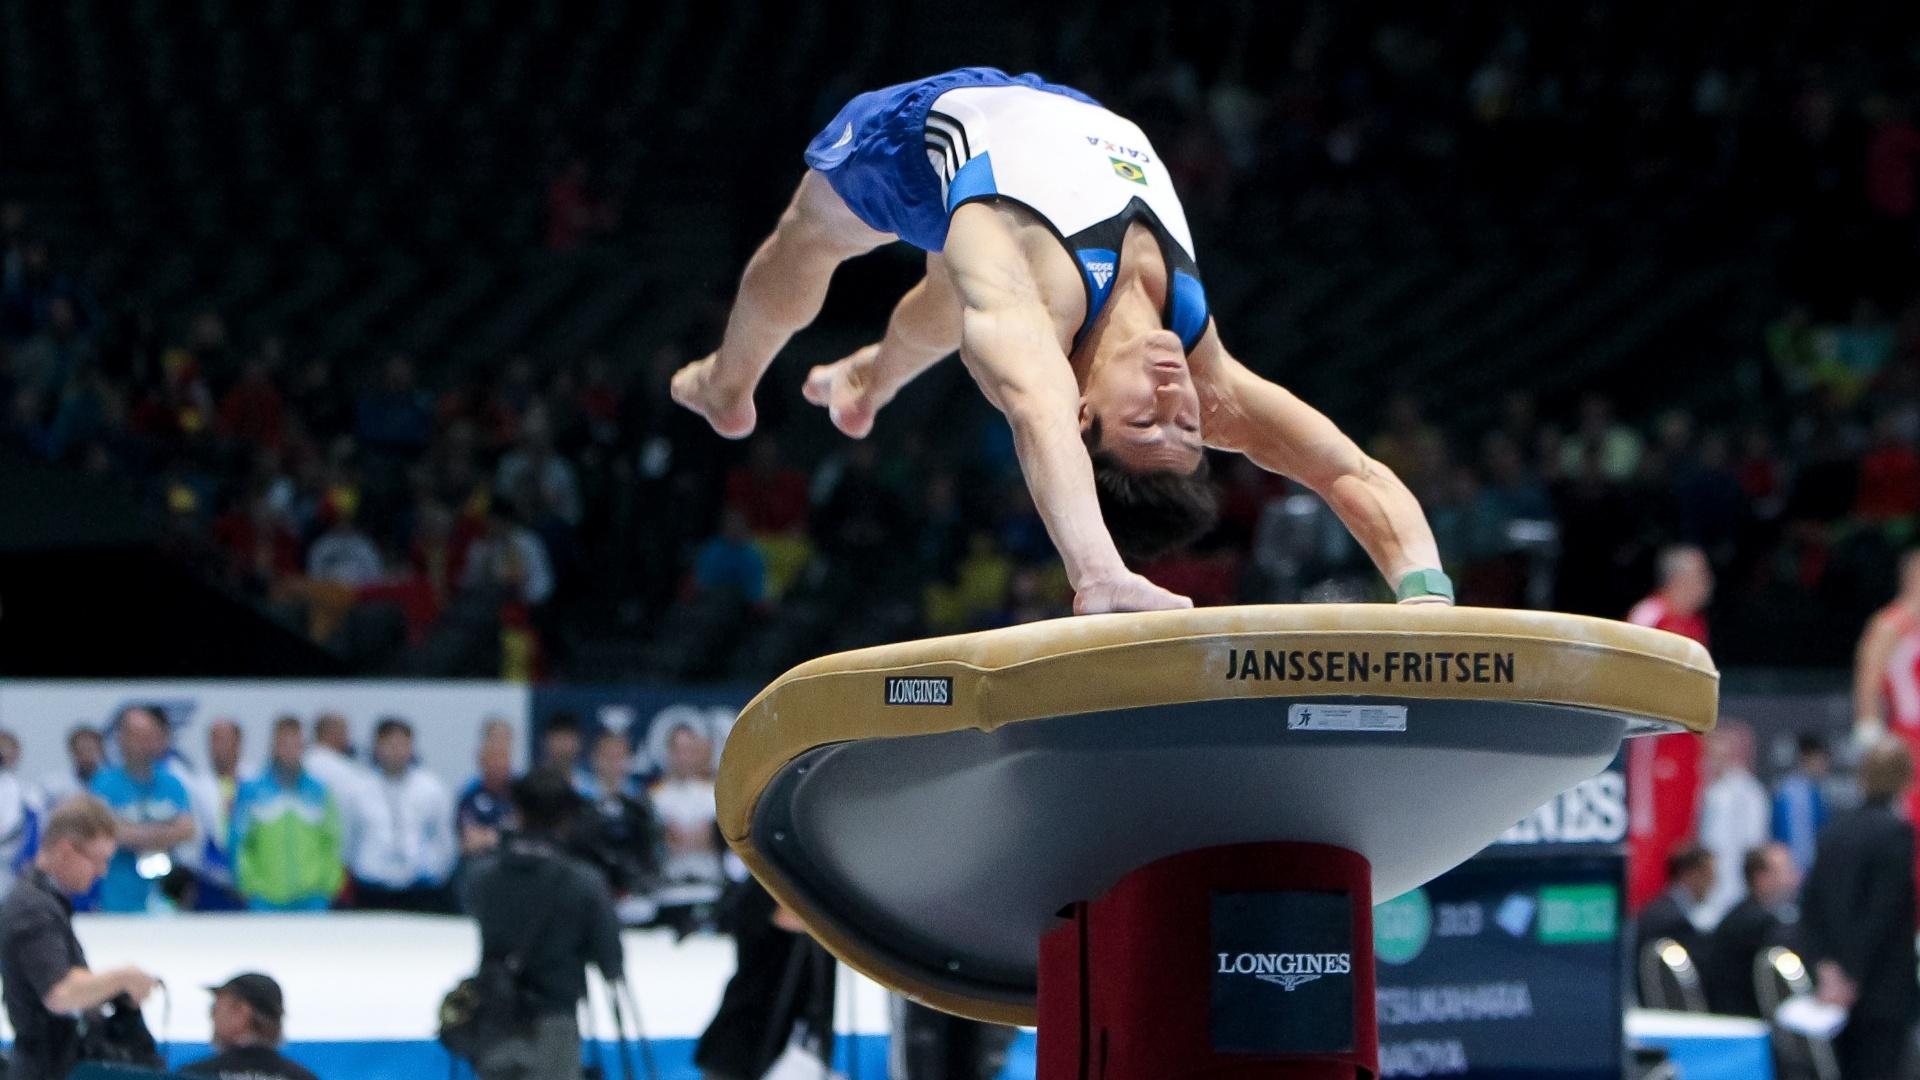 30.09.2013 - Arthur Nory disputa as eliminatórias do individual geral no Mundial de Ginástica, na Antuérpia (BEL)